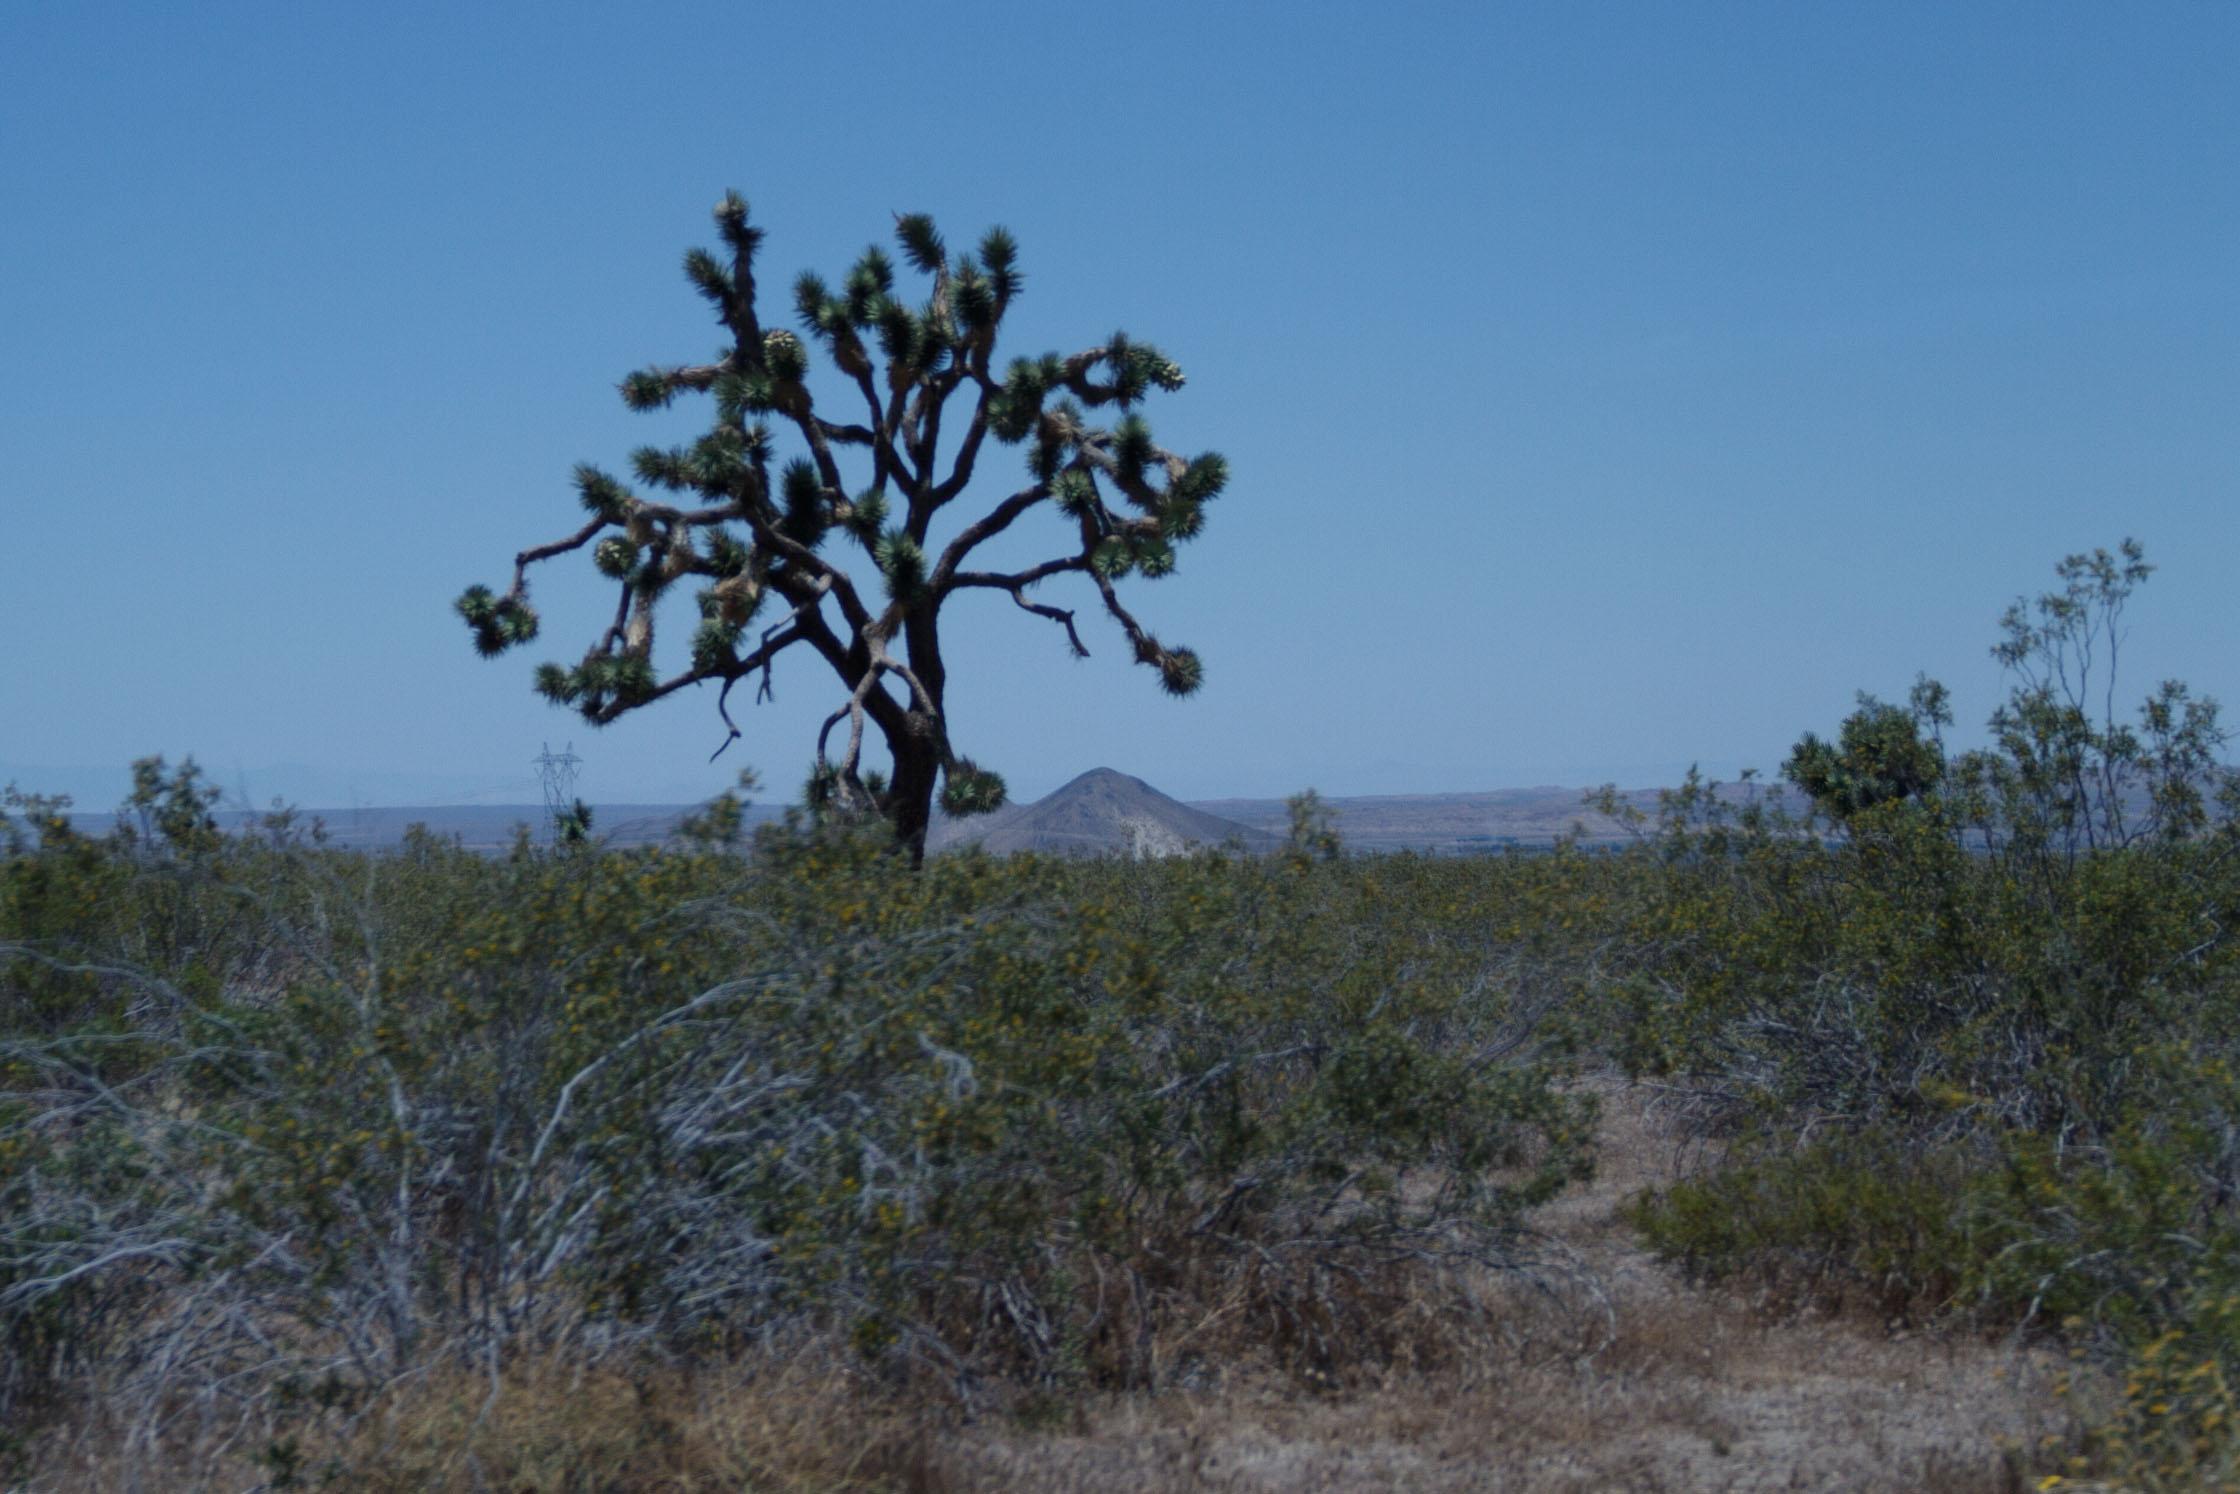 One of many Joshua trees